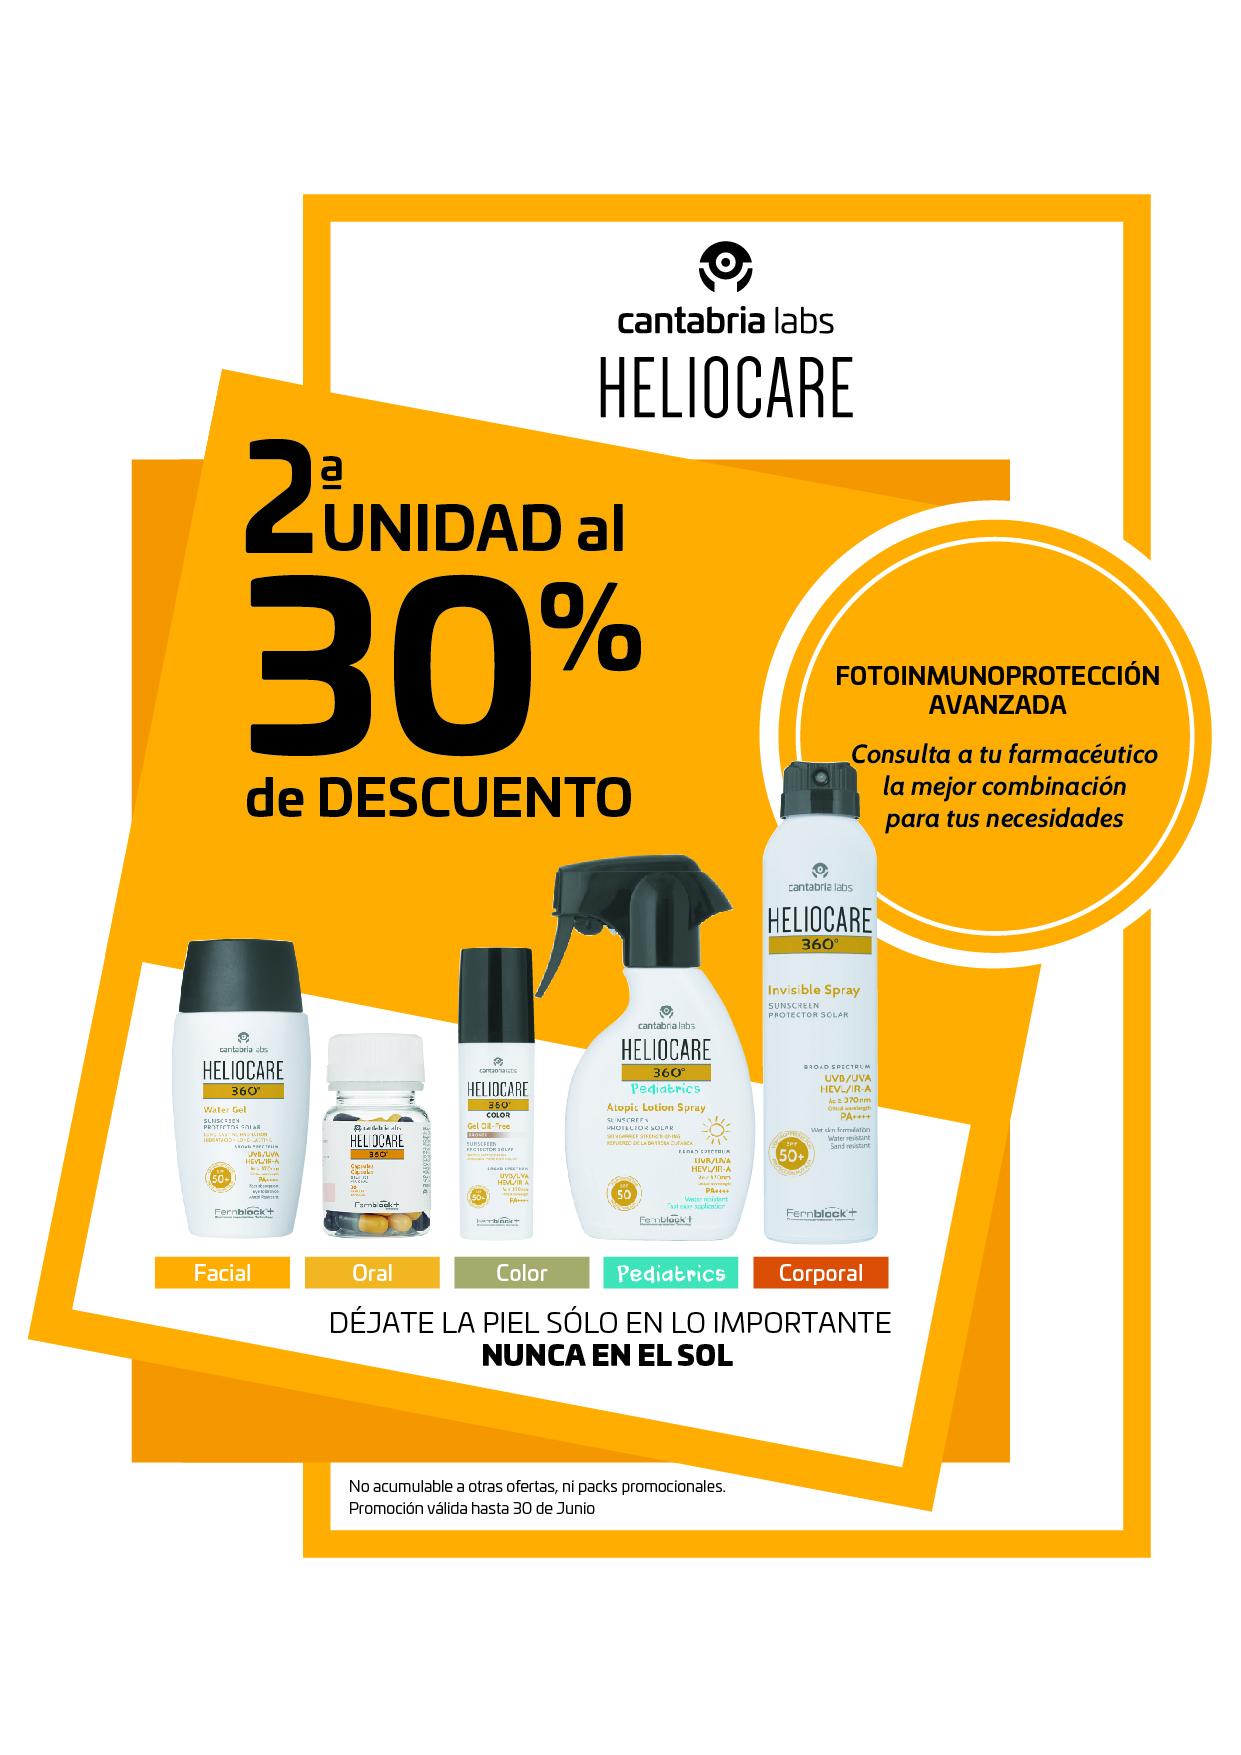 Heliocare - 2ª Unidad al 30% de descuento!